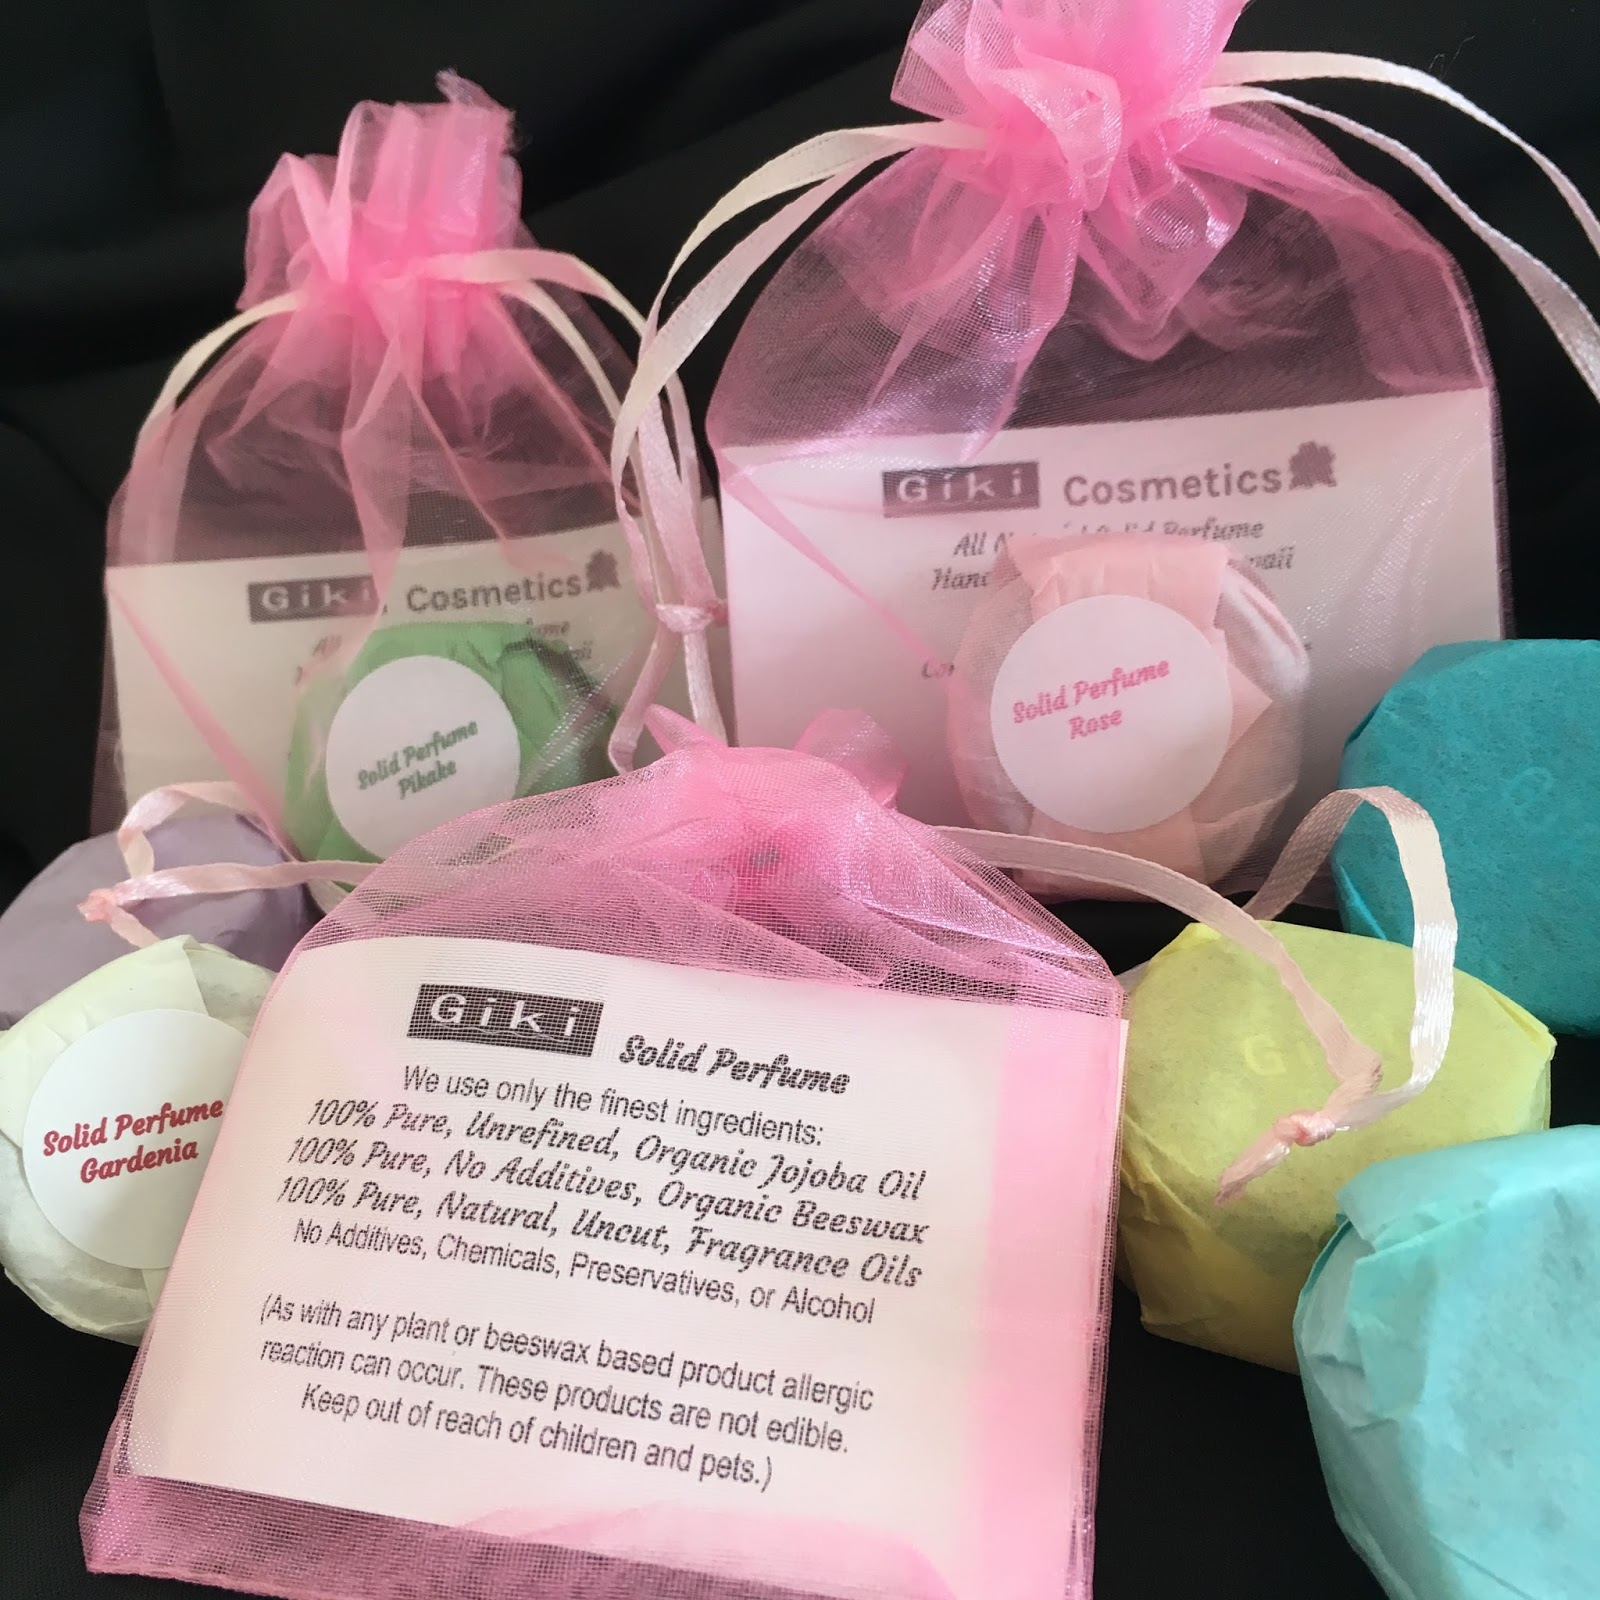 Giki Cosmetics: Giki Cosmetics Solid Perfume Product Info